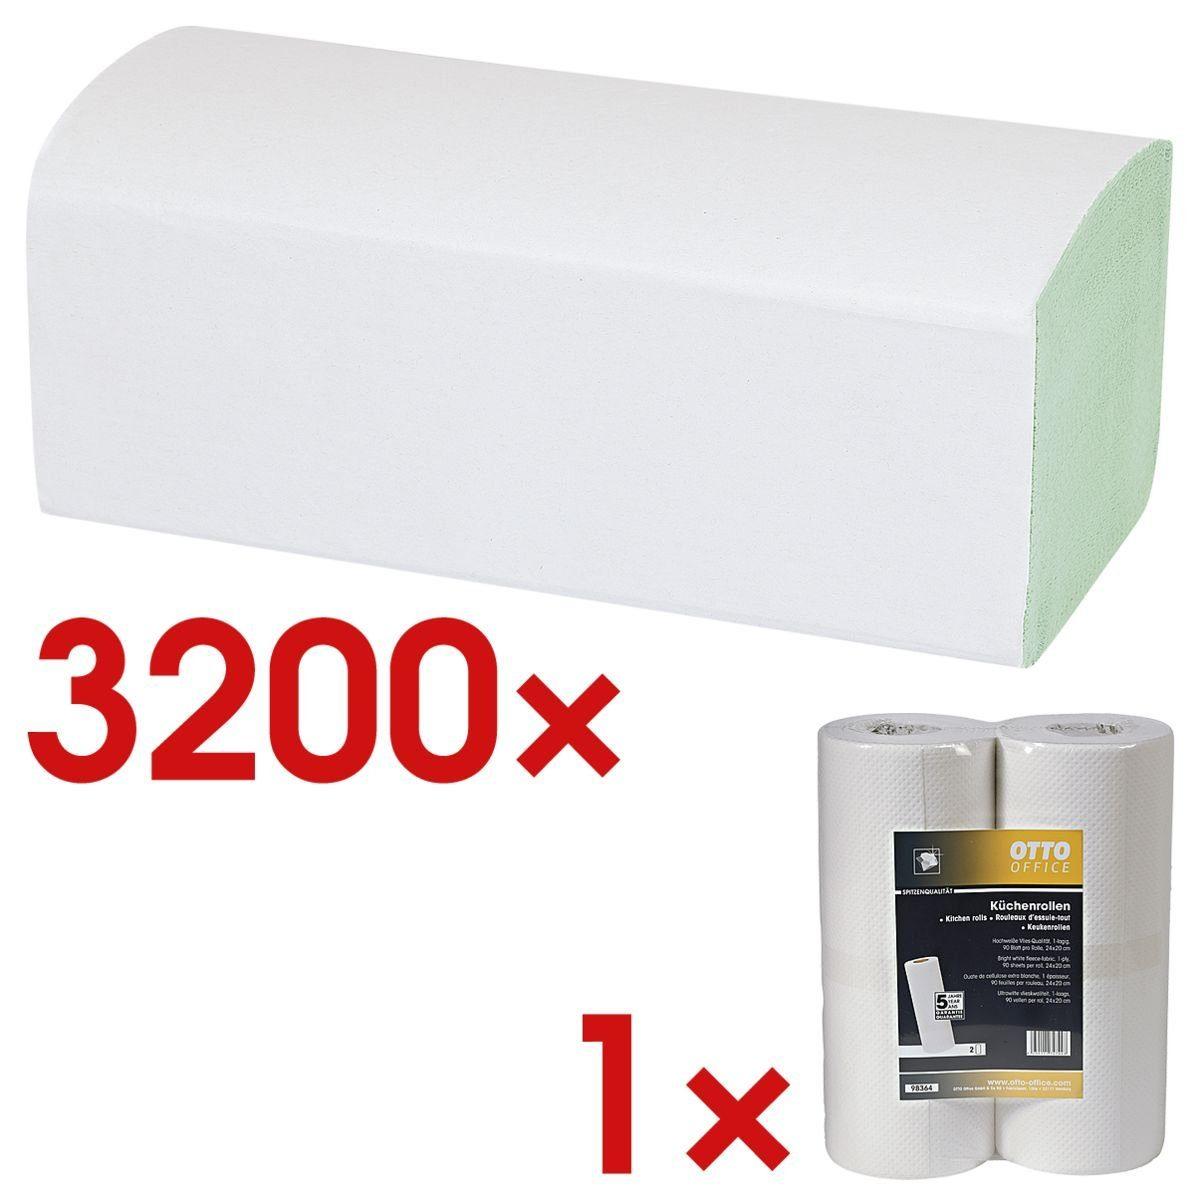 OTTO Office Standard Papierhandtücher inkl. Küchenrollen 1 Set